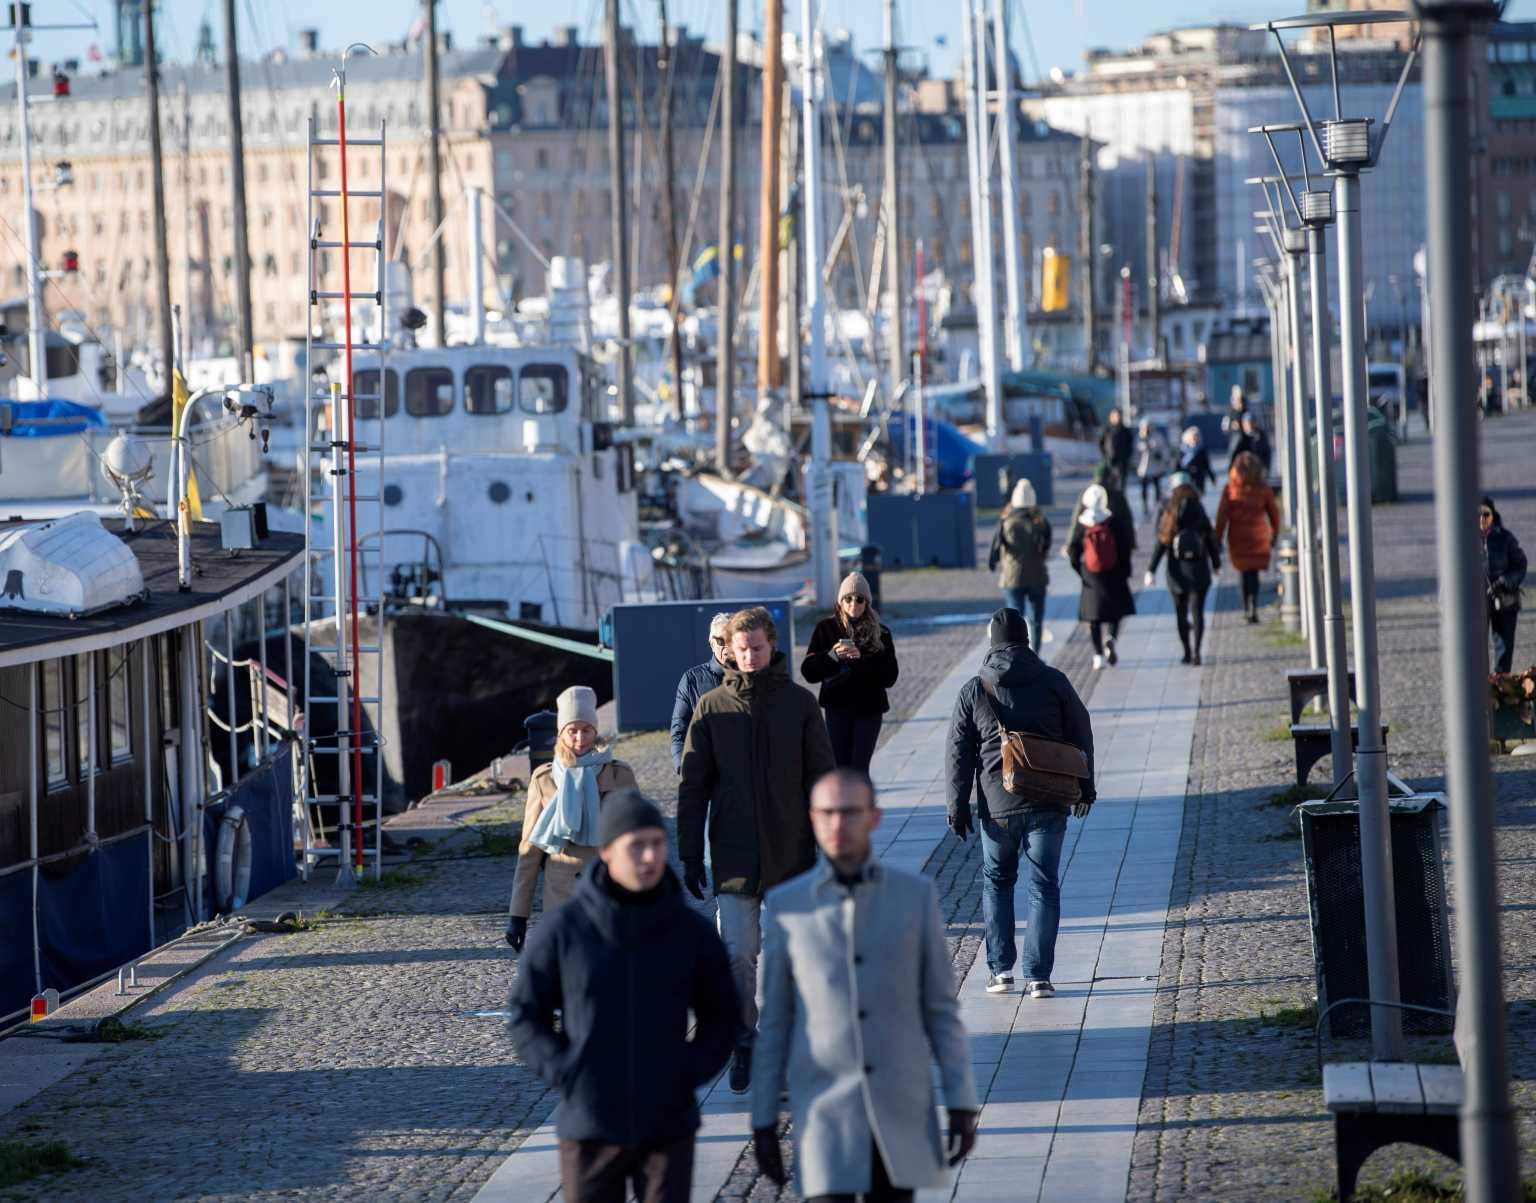 Σουηδία: Οι πολίτες ντρέπονται και πάσχουν από «coronaskam»